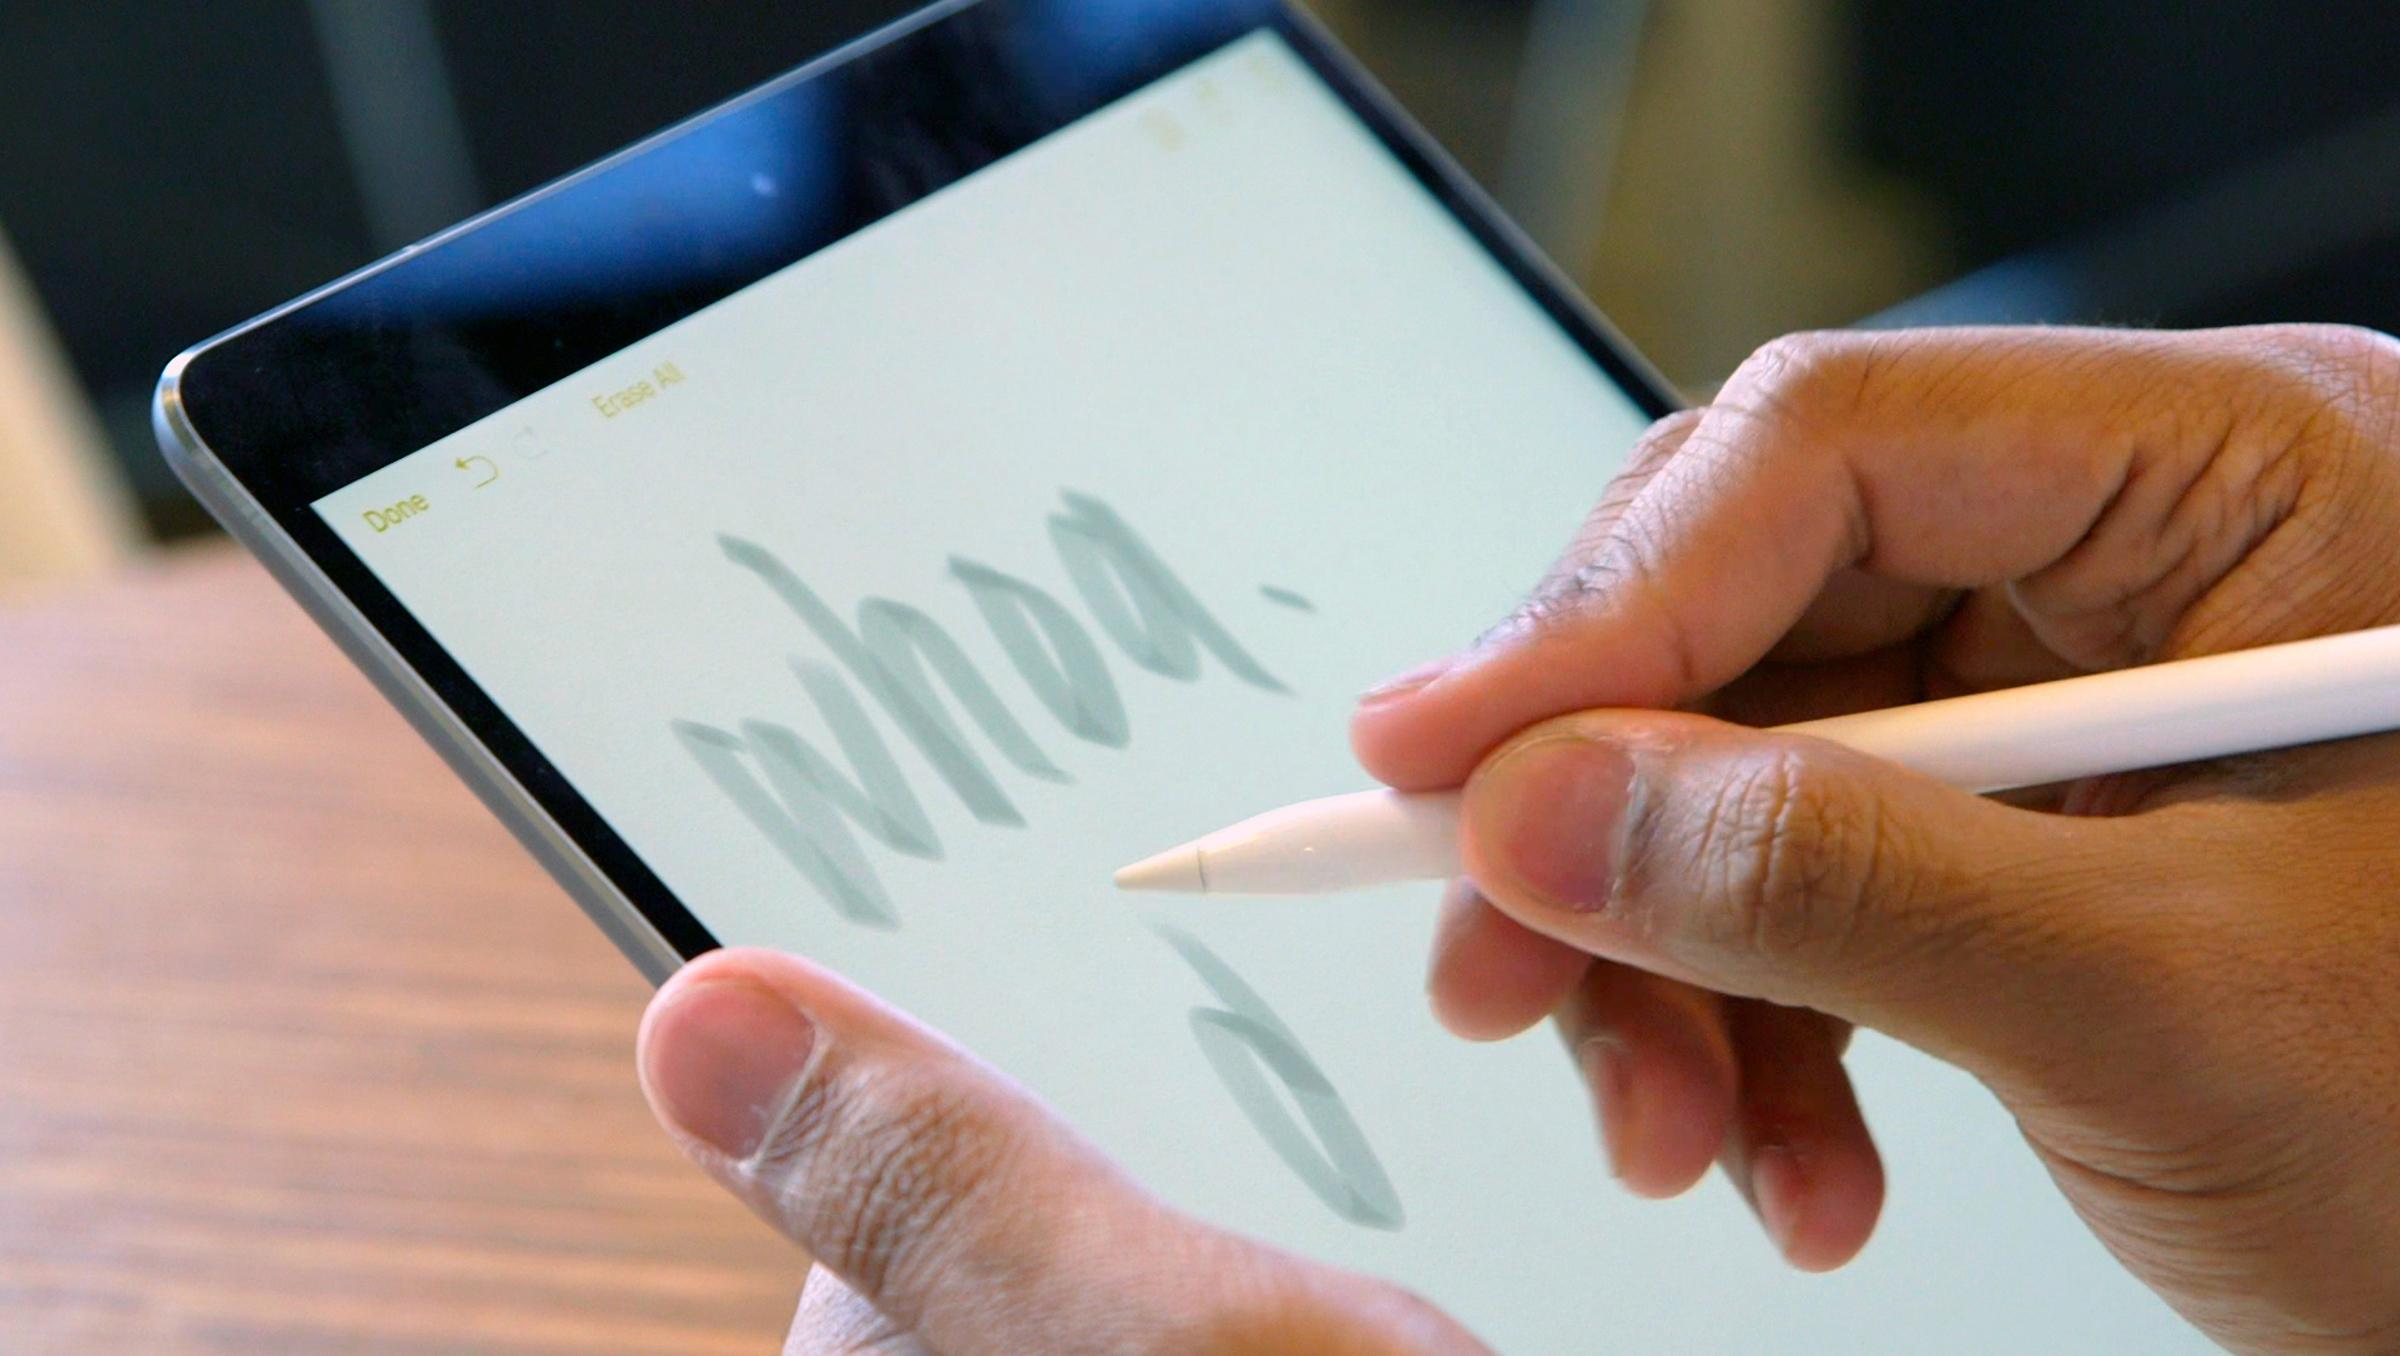 苹果10.5英寸iPad Pro(64GB/WLAN)